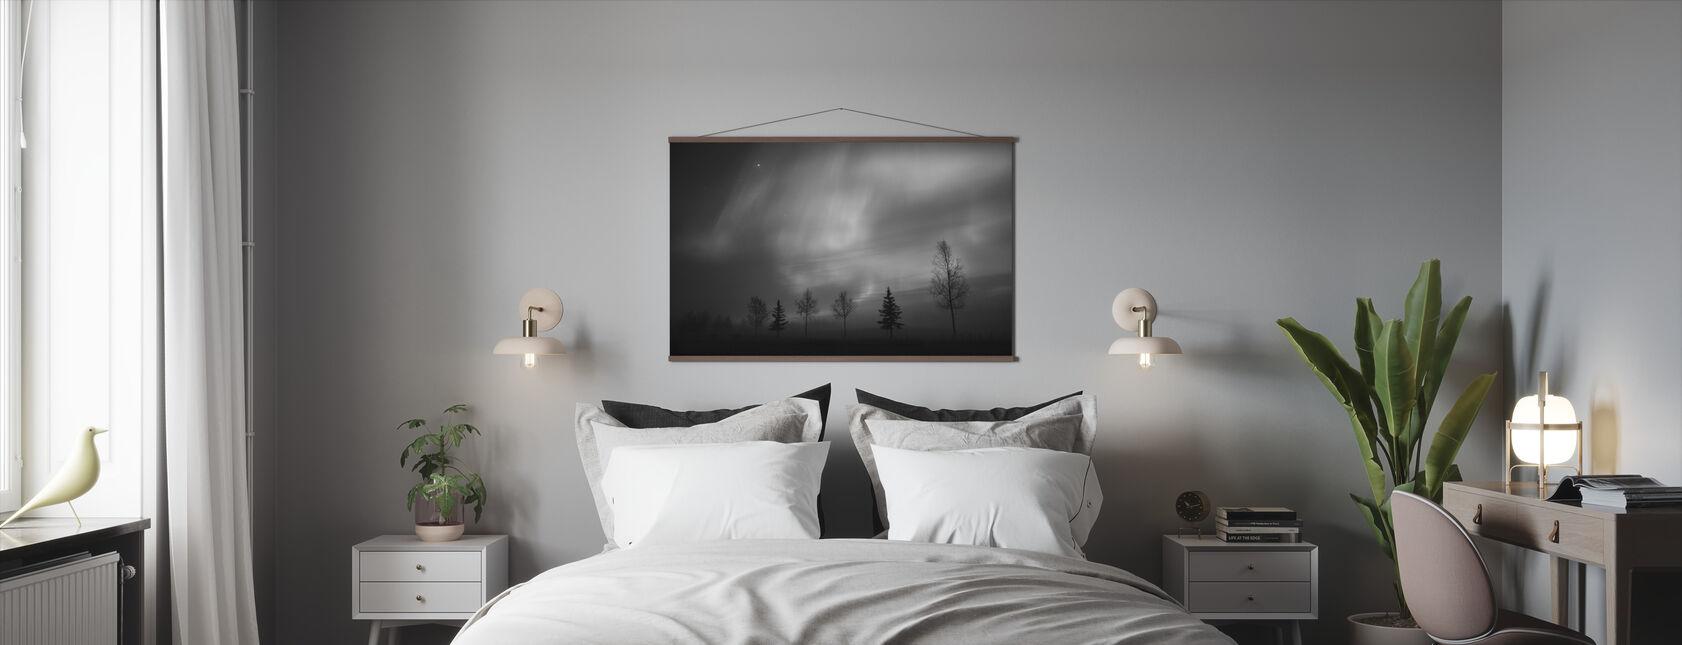 Nordic Lights - Poster - Bedroom